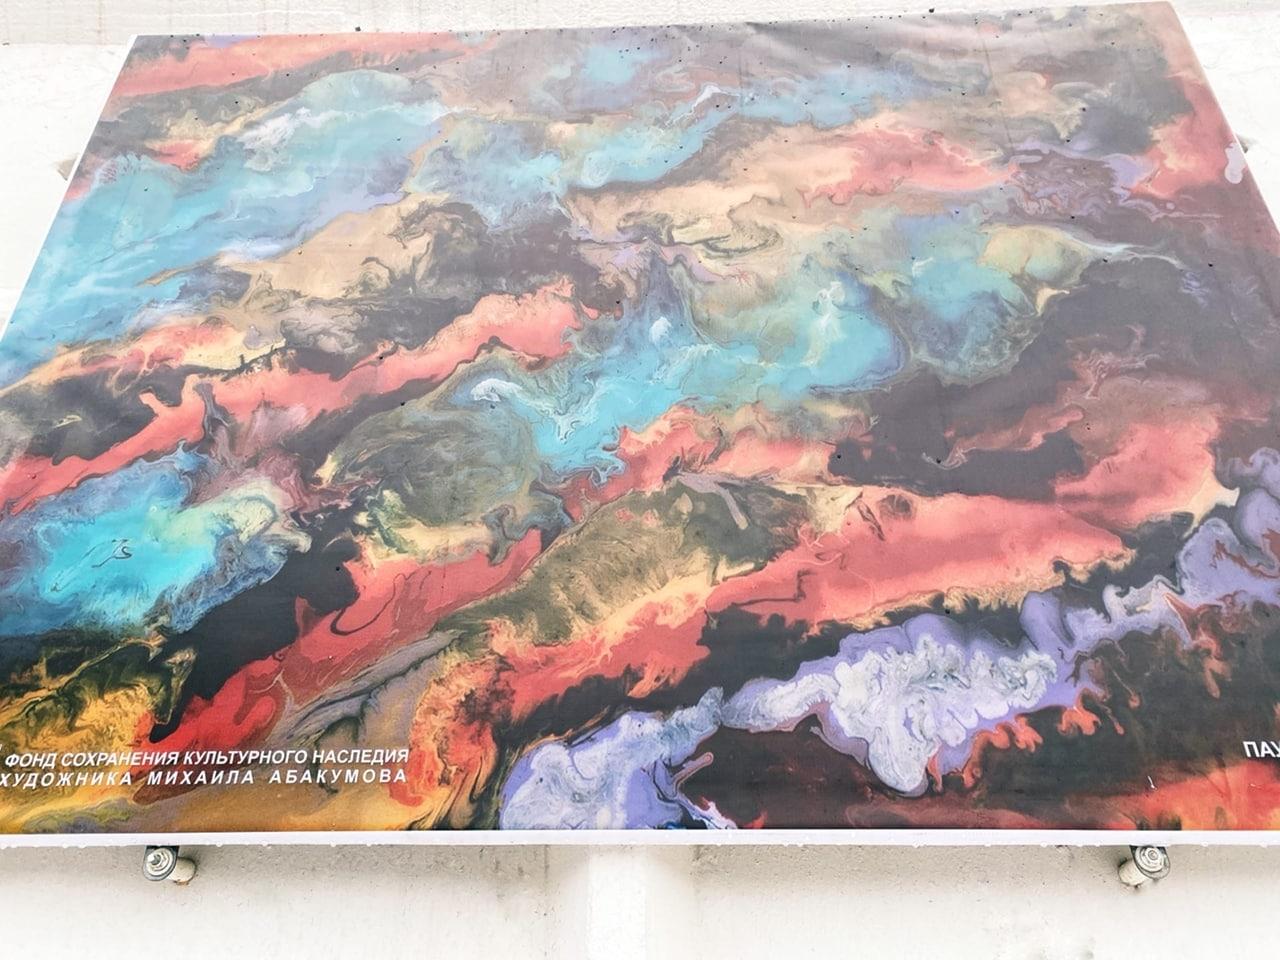 Коломенский культурный центр «Дом Озерова» представляет выставку «Искусство без границ»